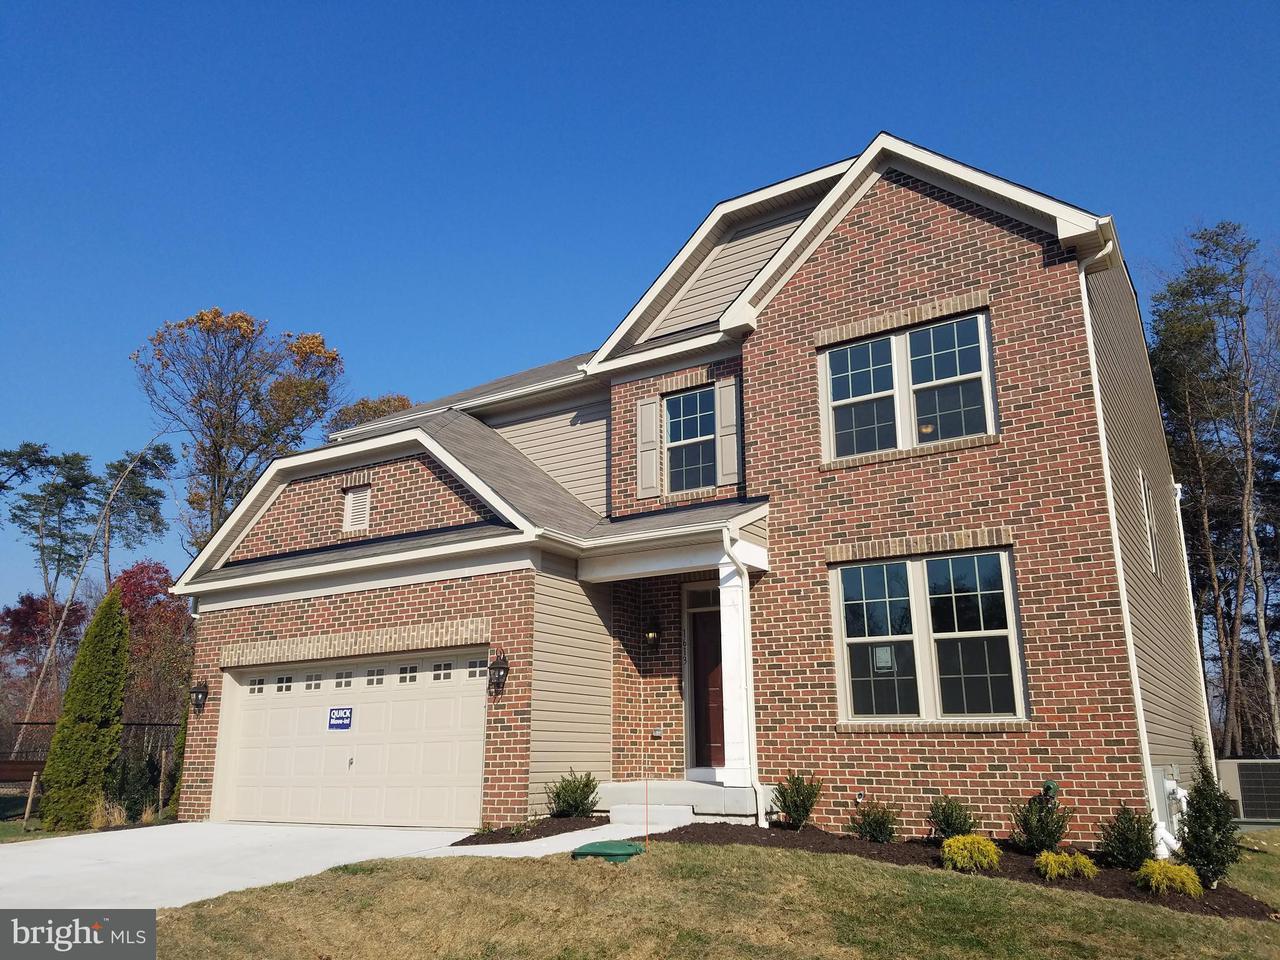 Single Family Home for Sale at 1634 Hekla Lane 1634 Hekla Lane Harmans, Maryland 21077 United States